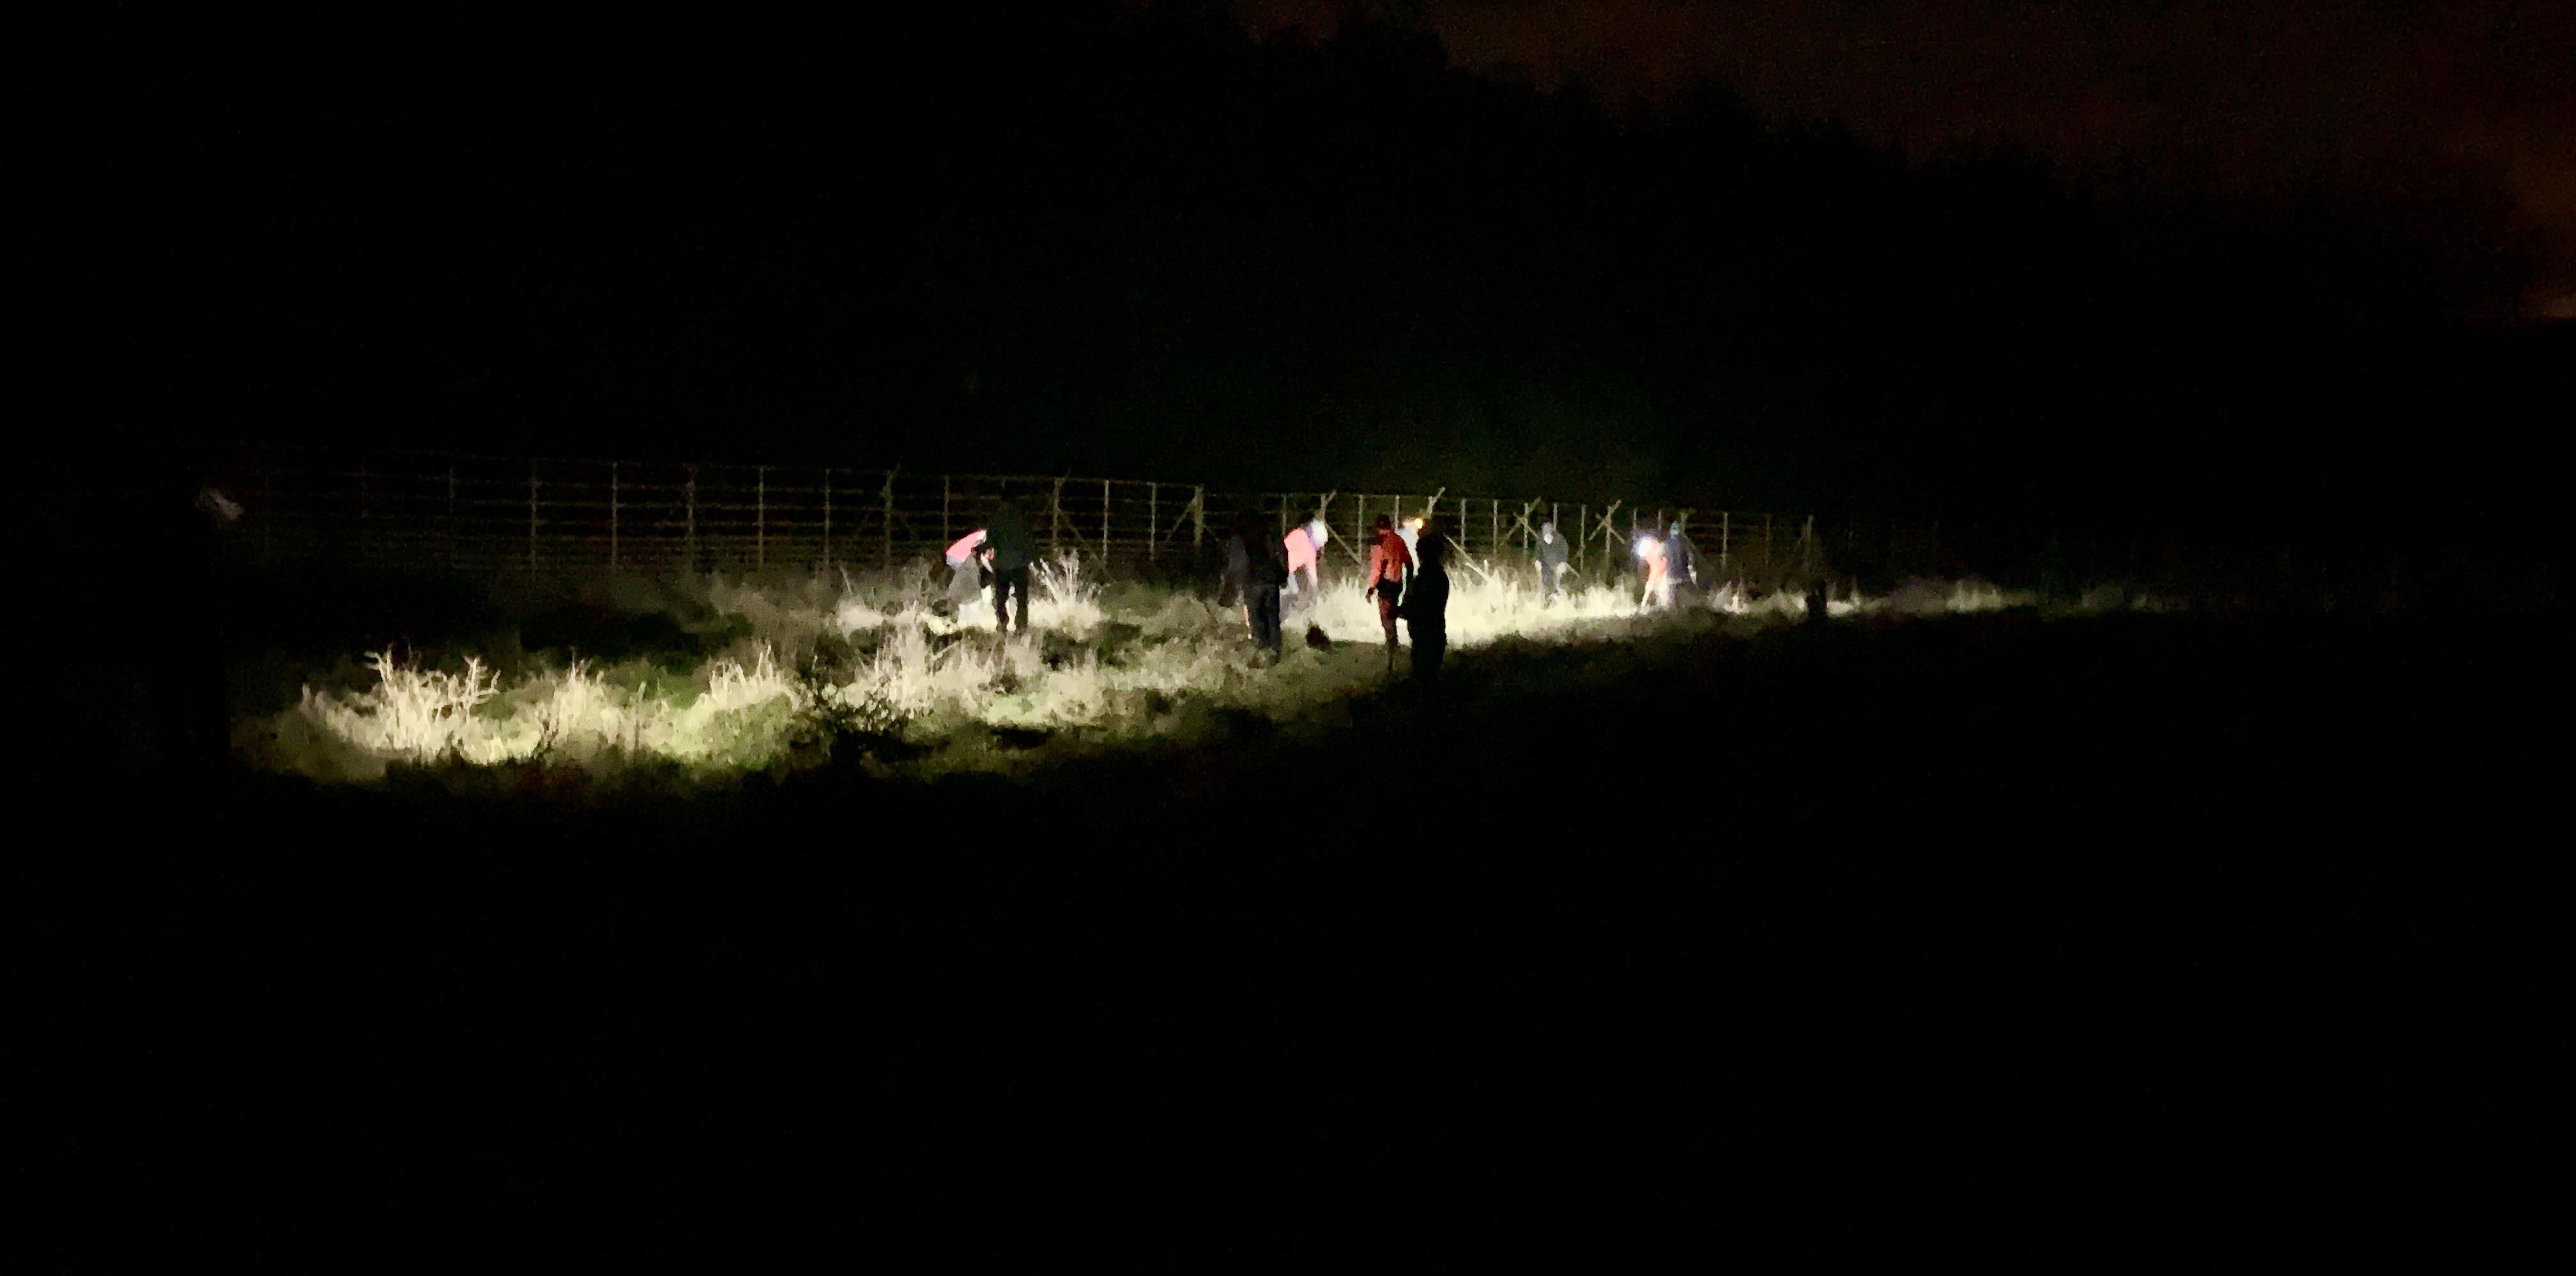 Laubbäumchen im Nachtlicht